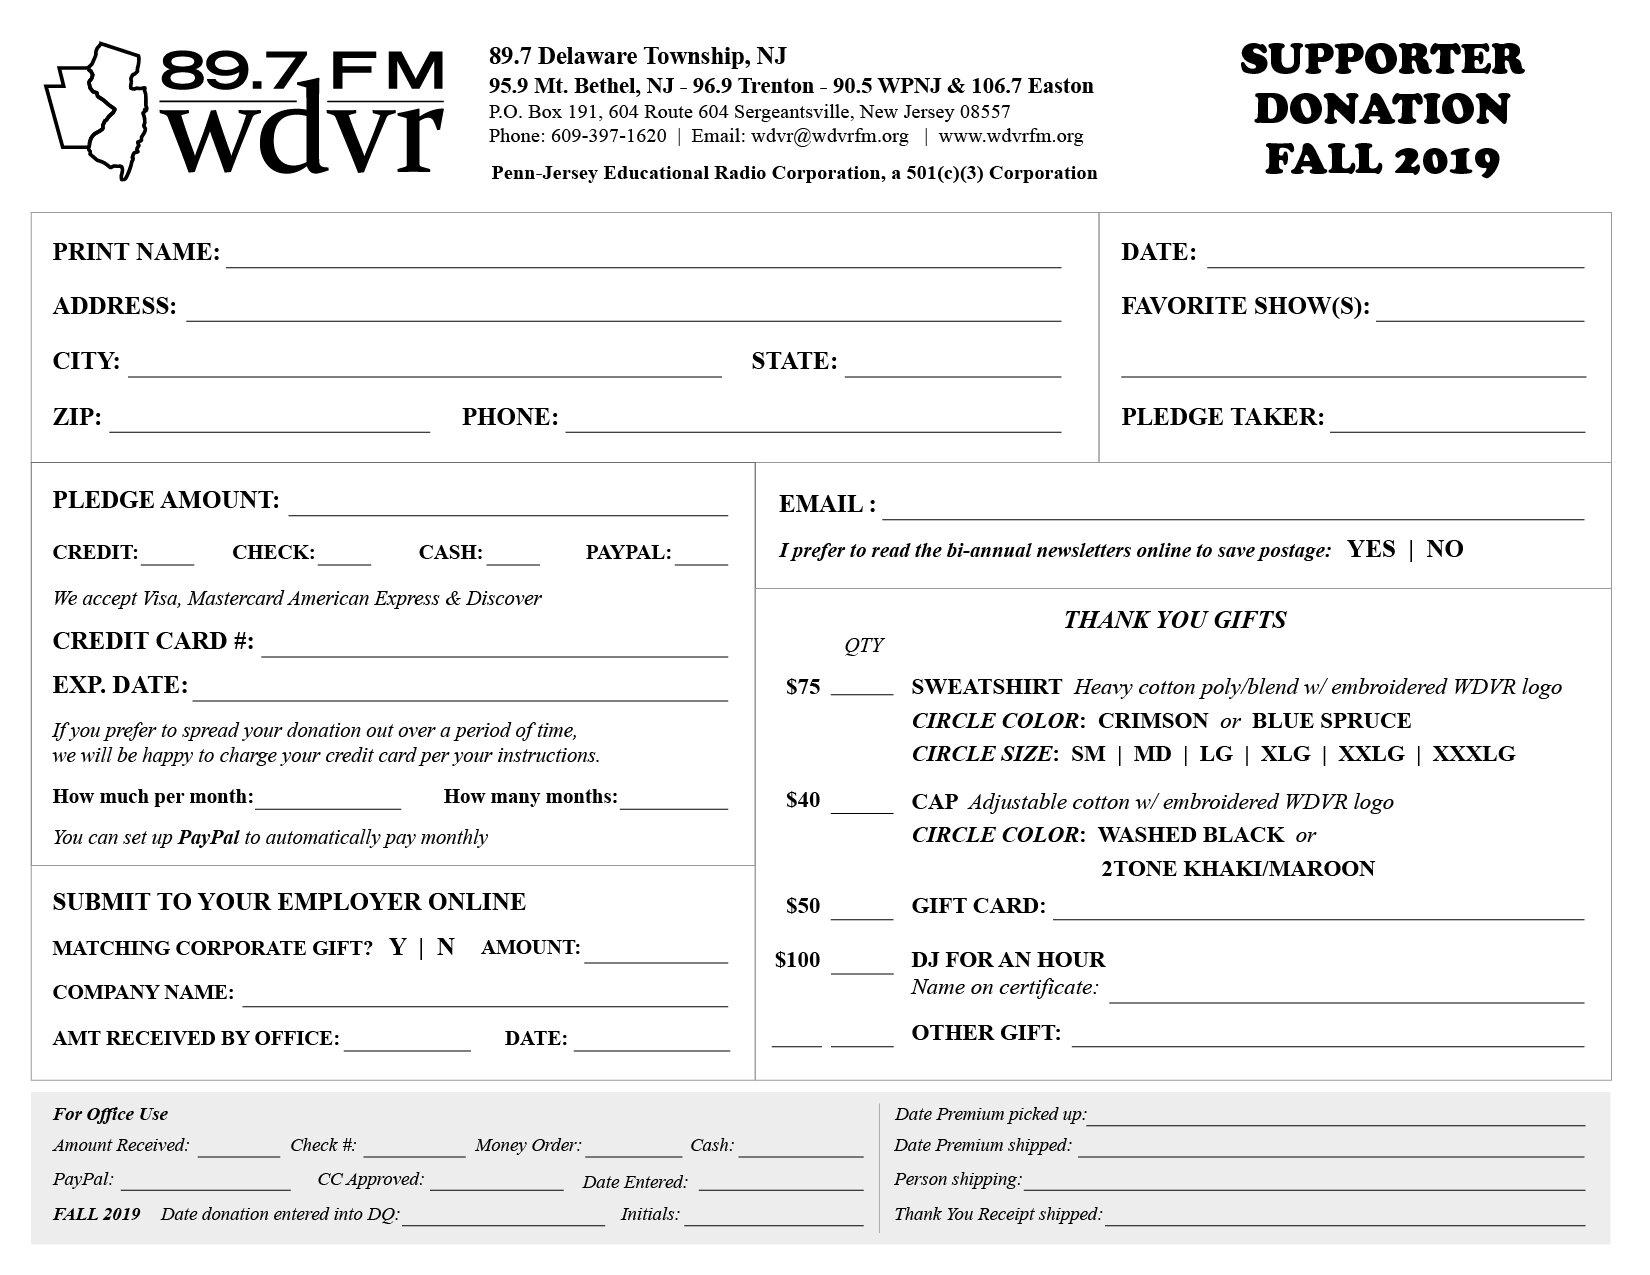 WDVR_FALL DONATION FORM_2019-01.jpg